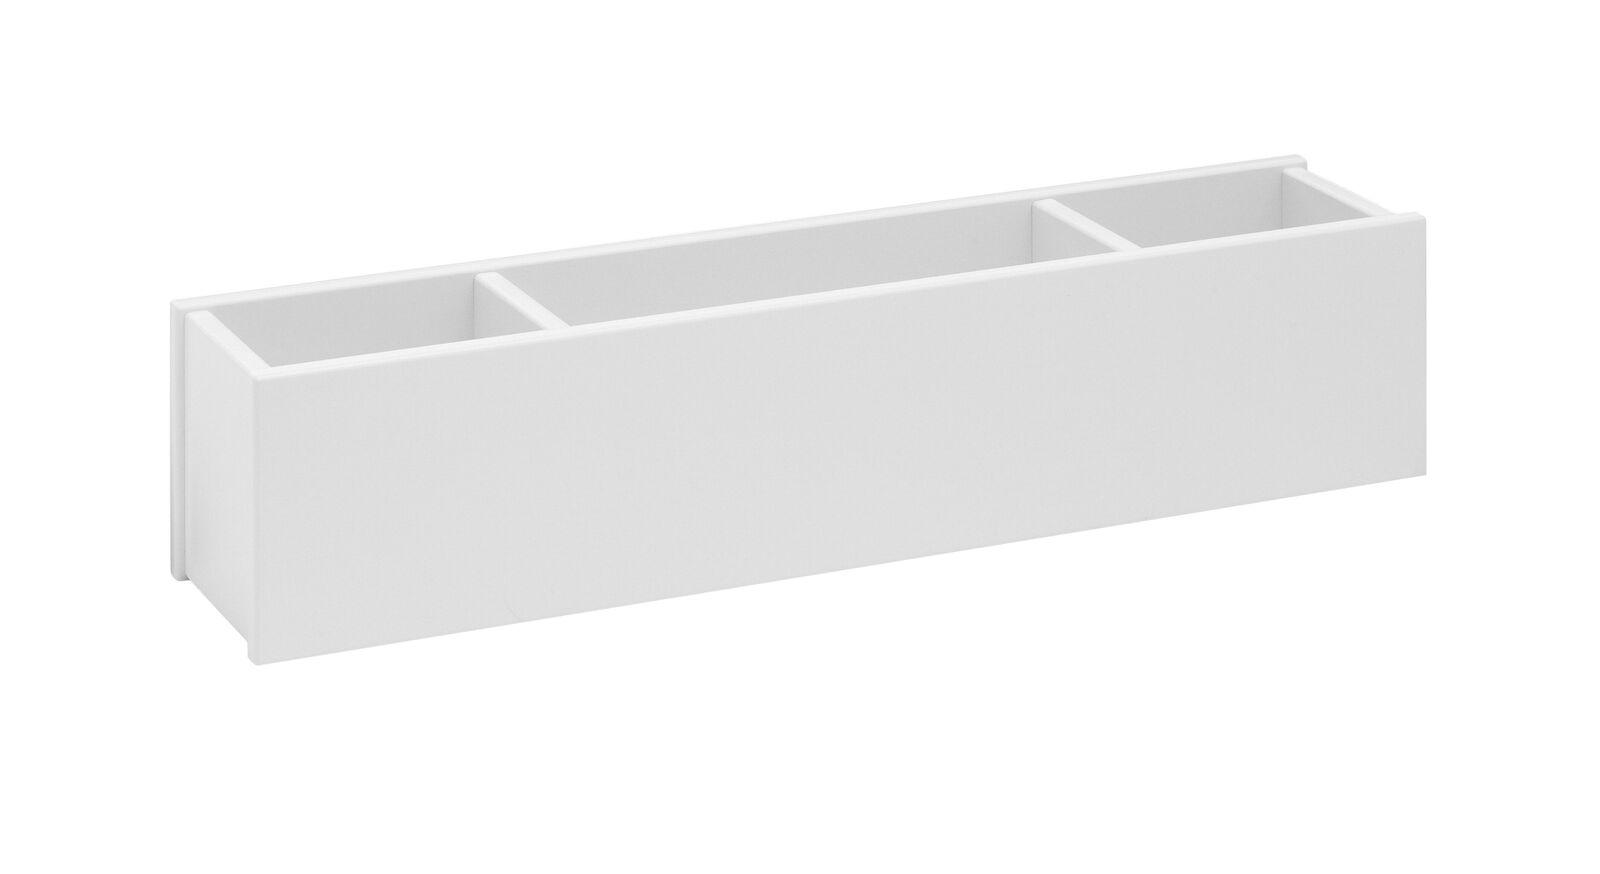 LIFETIME Hängekasten und Wandregal Original in Weiß lackiert